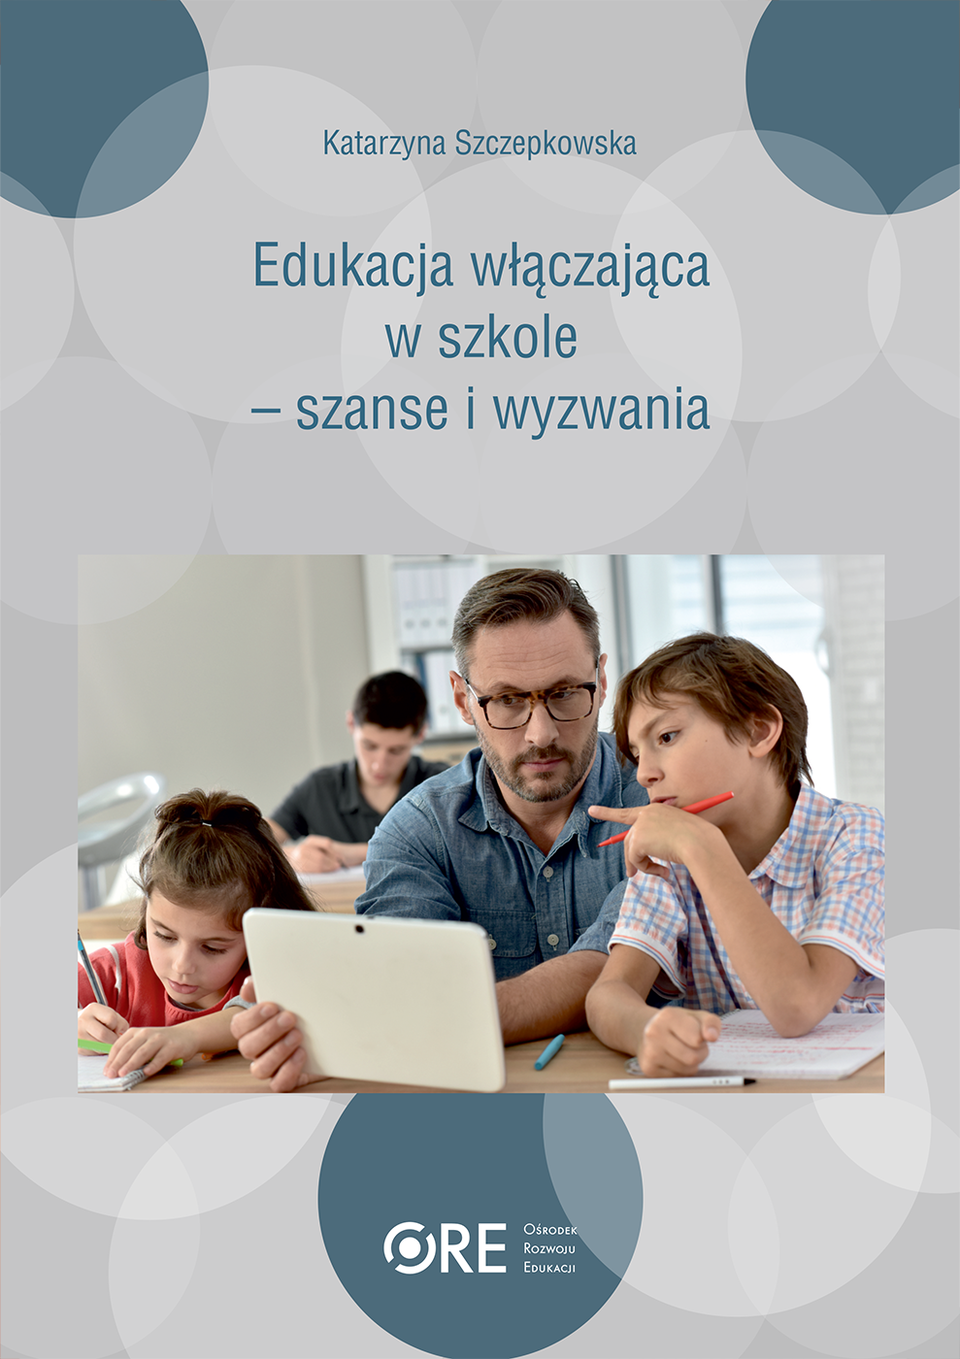 Pobierz plik: Edukacja-wlaczajaca-szanse-i-wyzwania_K.Szczepkowska.pdf